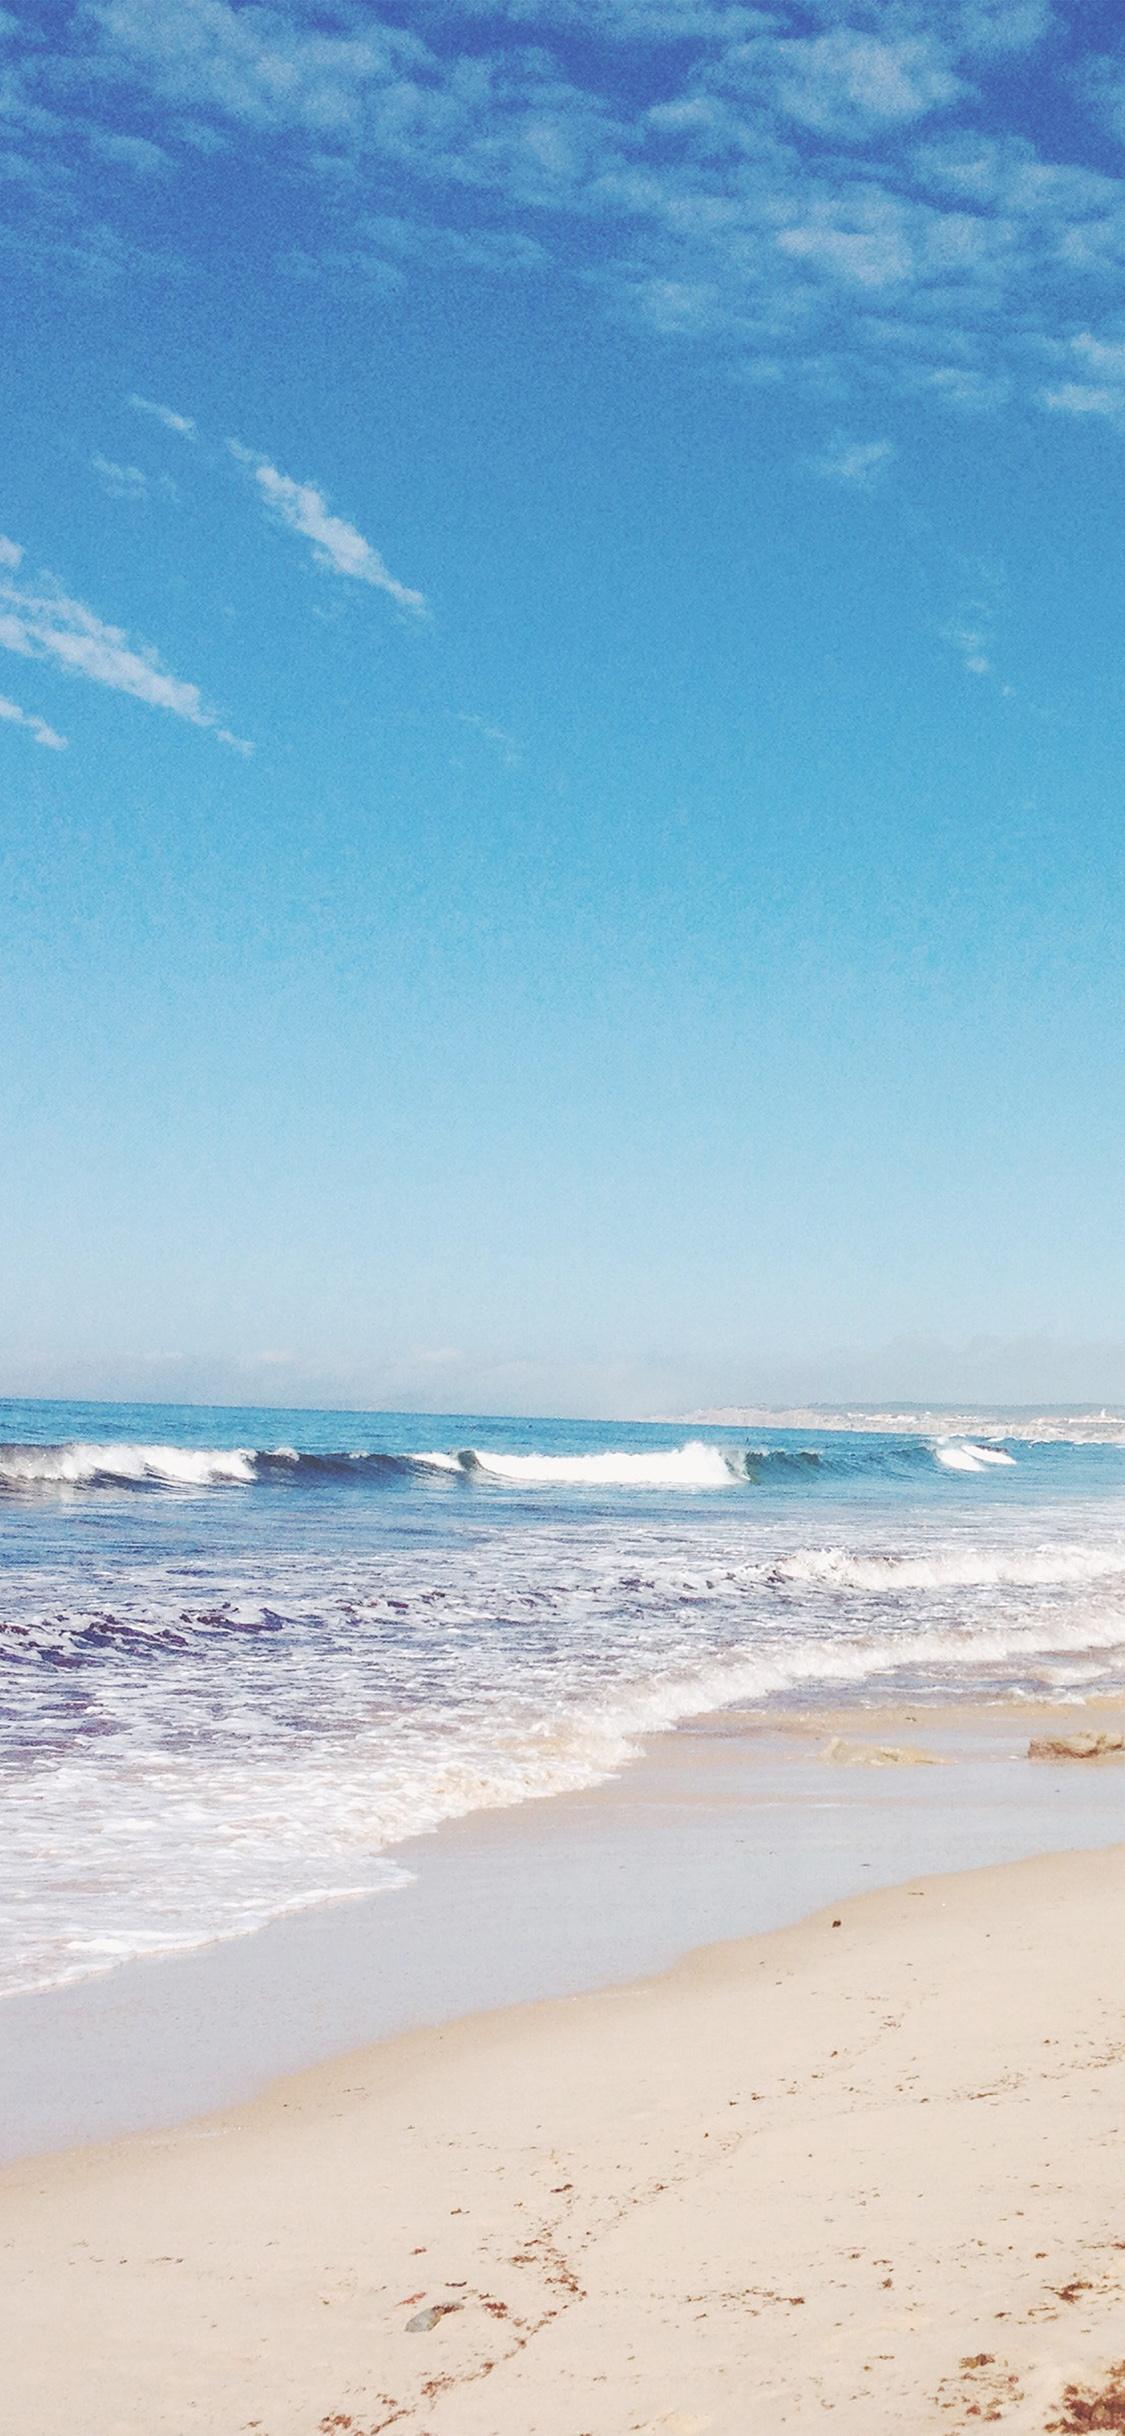 Beach Wallpaper Iphone X